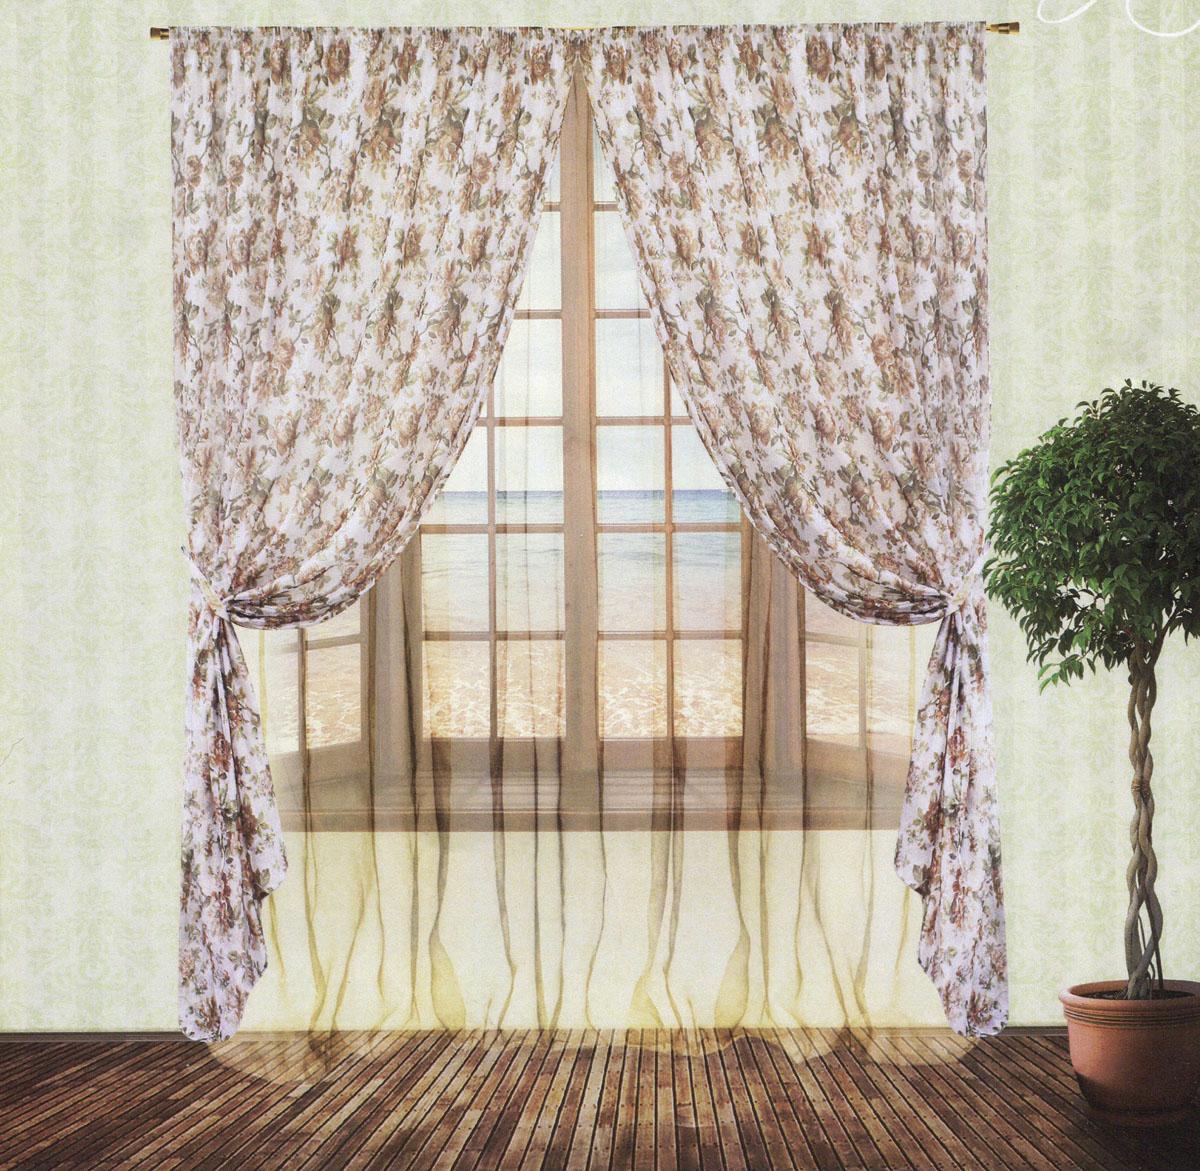 Комплект штор Zlata Korunka, на ленте, цвет: бежевый, белый, высота 250 см. 5553955539Роскошный комплект тюлевых штор Zlata Korunka, выполненный из органзы и микровуали (100% полиэстера), великолепно украсит любое окно. Комплект состоит из двух штор, тюля и двух подхватов. Полупрозрачная ткань, цветочный принт и приятная, приглушенная гамма привлекут к себе внимание и органично впишутся в интерьер помещения. Комплект крепится на карниз при помощи шторной ленты, которая поможет красиво и равномерно задрапировать верх. Шторы можно зафиксировать в одном положении с помощью двух подхватов. Этот комплект будет долгое время радовать вас и вашу семью! В комплект входит: Штора: 2 шт. Размер (ШхВ): 200 см х 250 см. Тюль: 1 шт. Размер (ШхВ): 400 см х 250 см. Подхват: 2 шт. Размер (ШхВ): 60 см х 10 см.